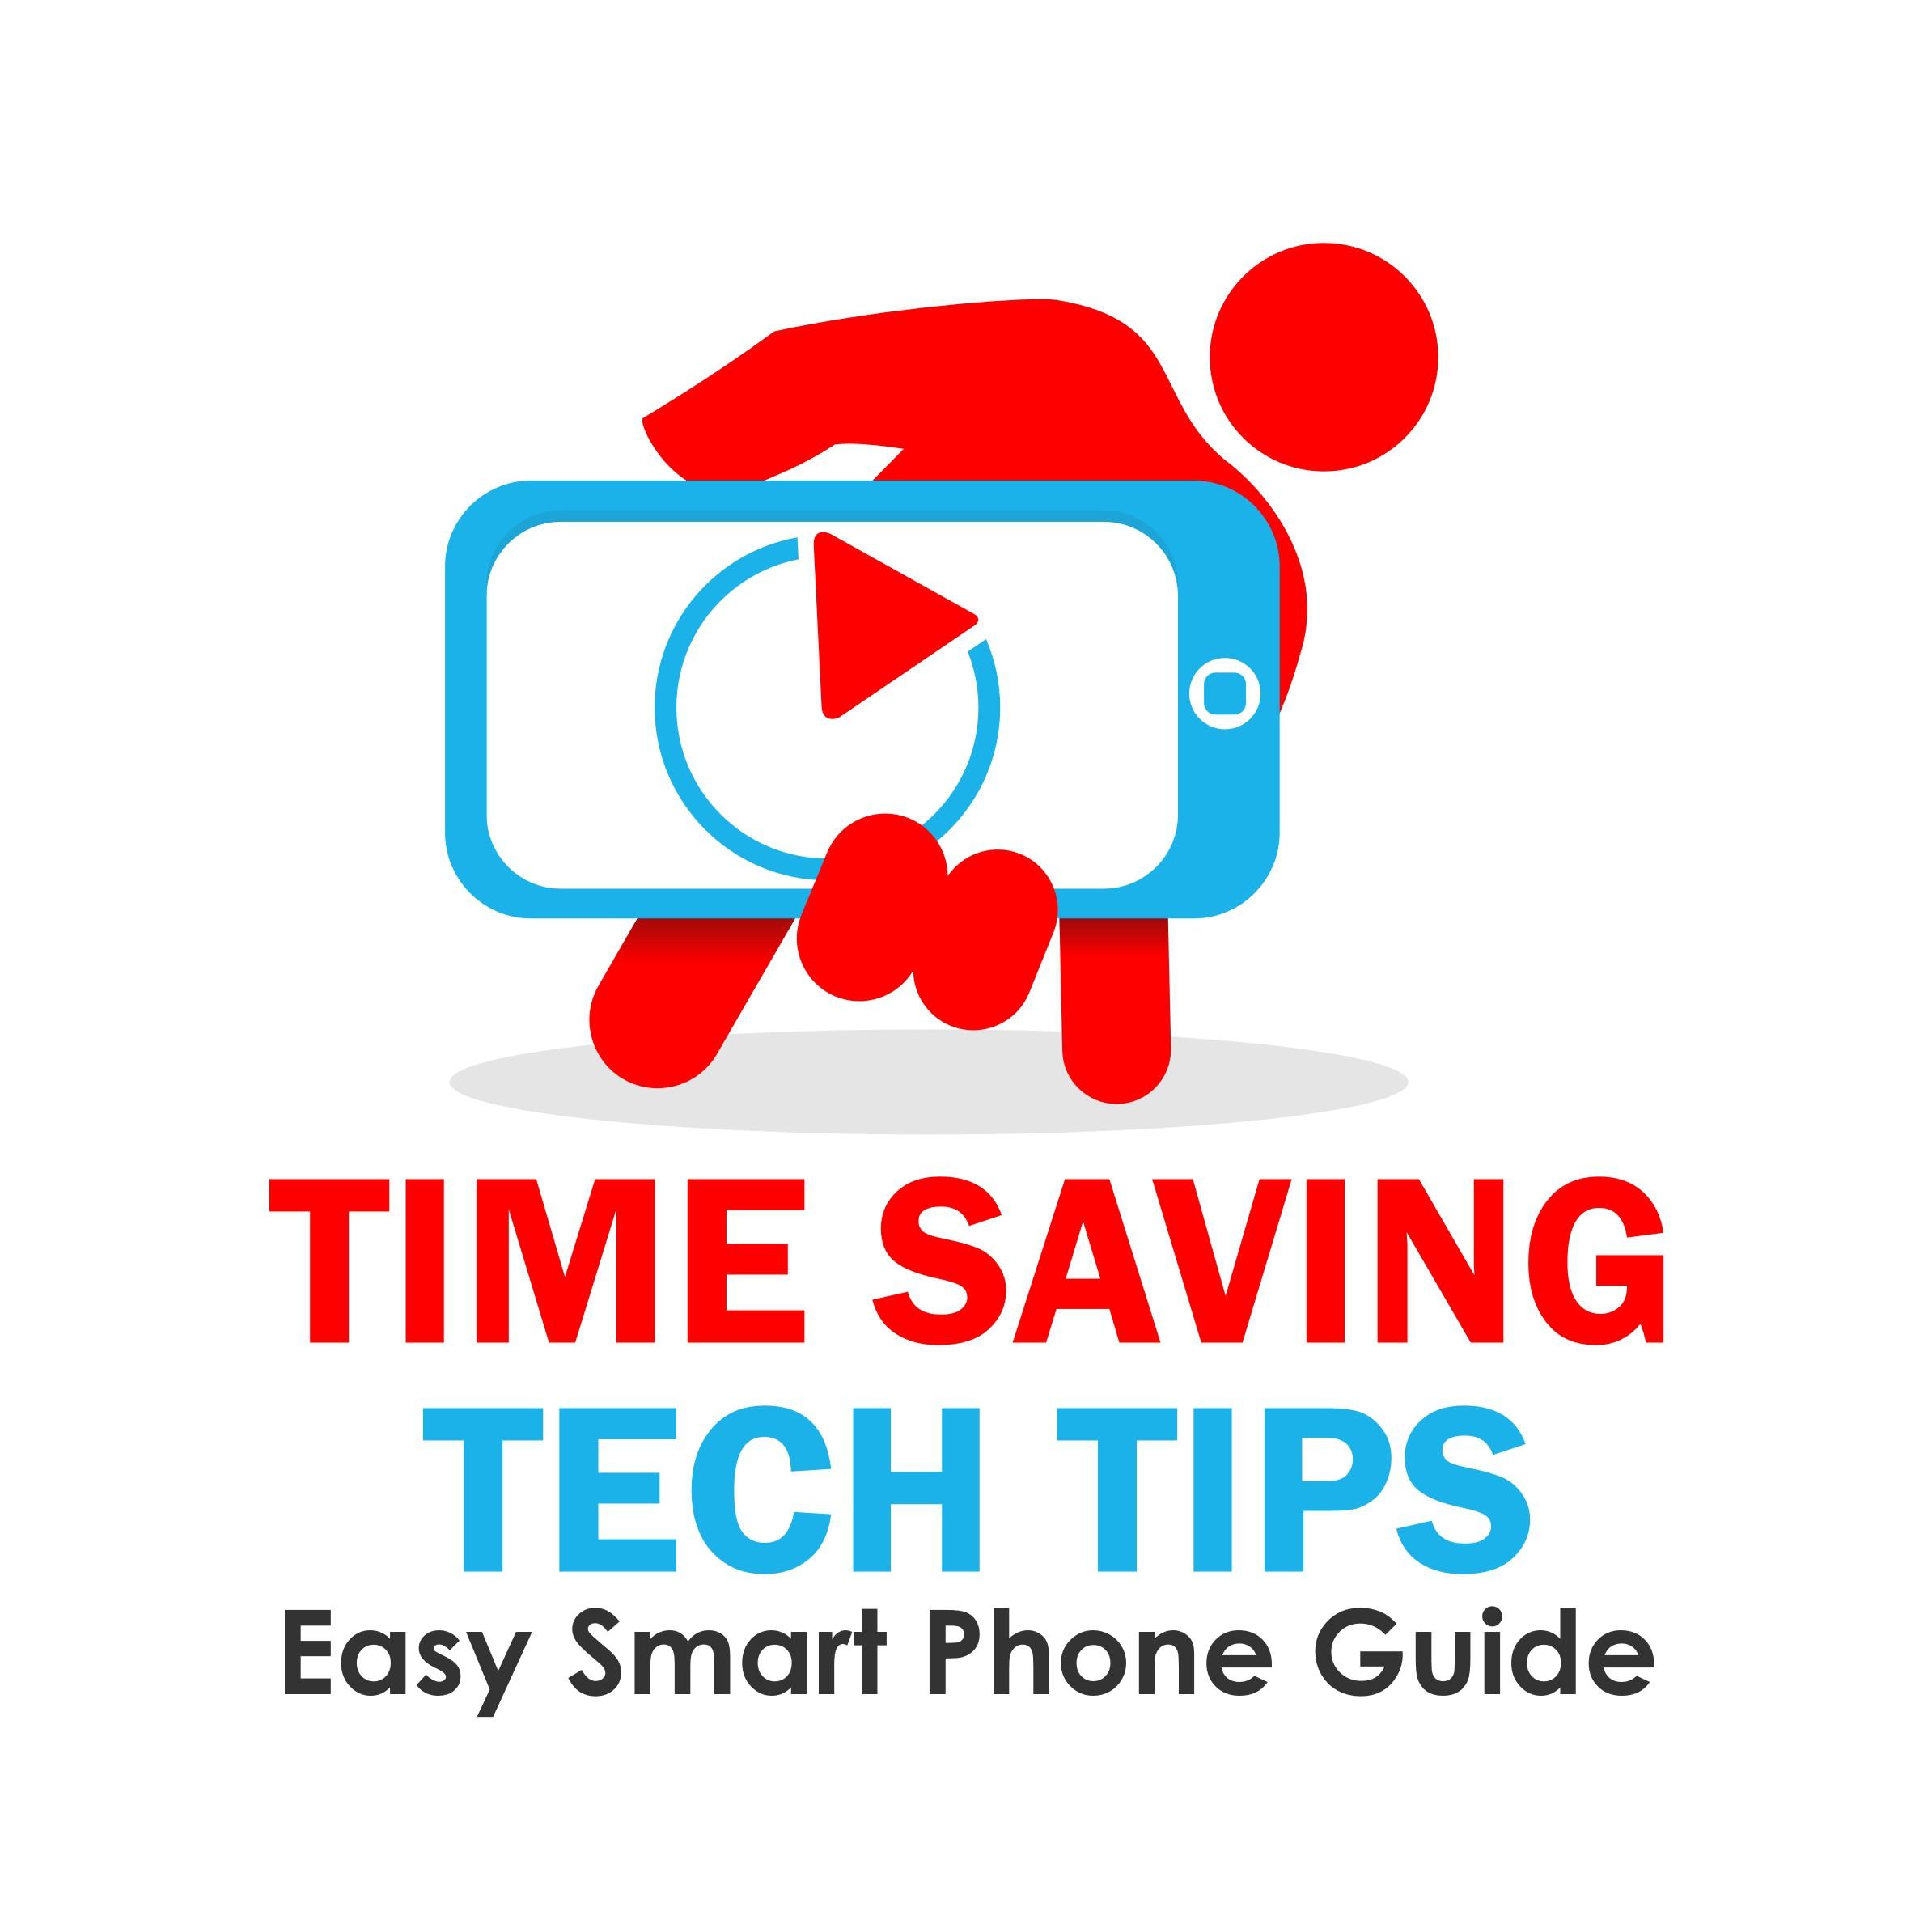 Design a logo for a smartphone tutorial company